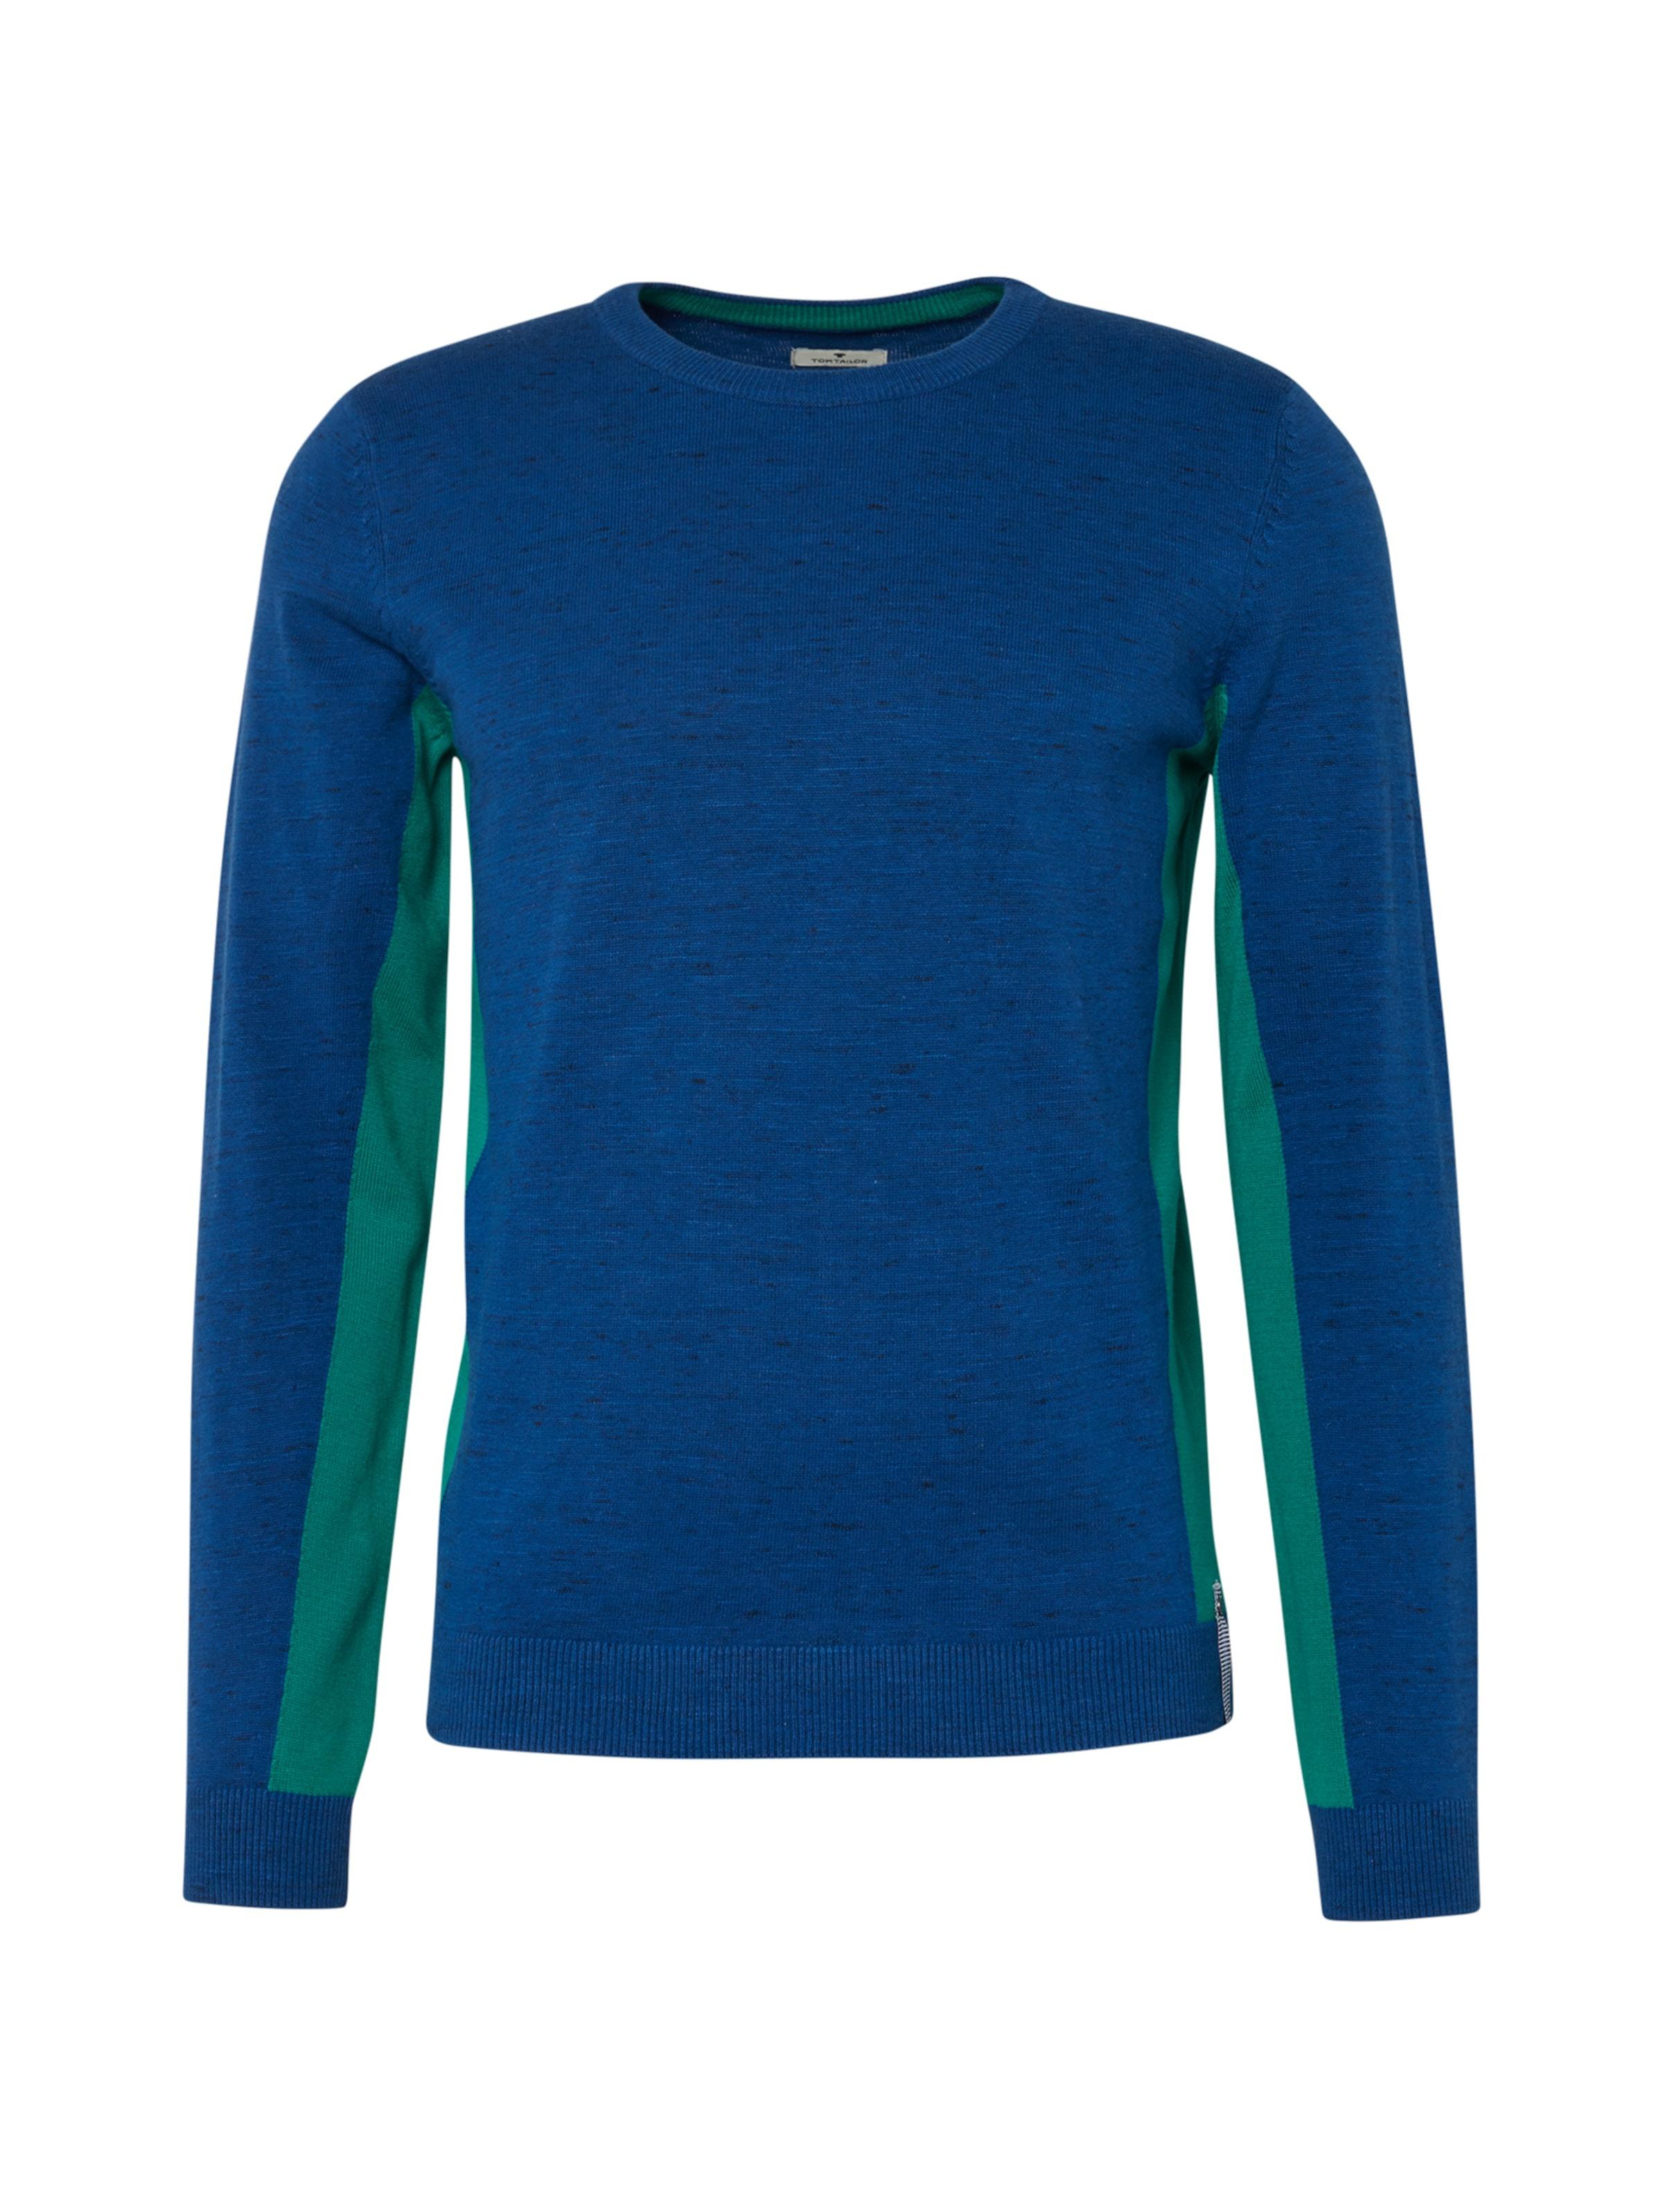 NavyGrün Sweatshirt In Sweatshirt Tom Tailor Sweatshirt Tom NavyGrün In Tailor In Tailor Tom EorxBQCWde